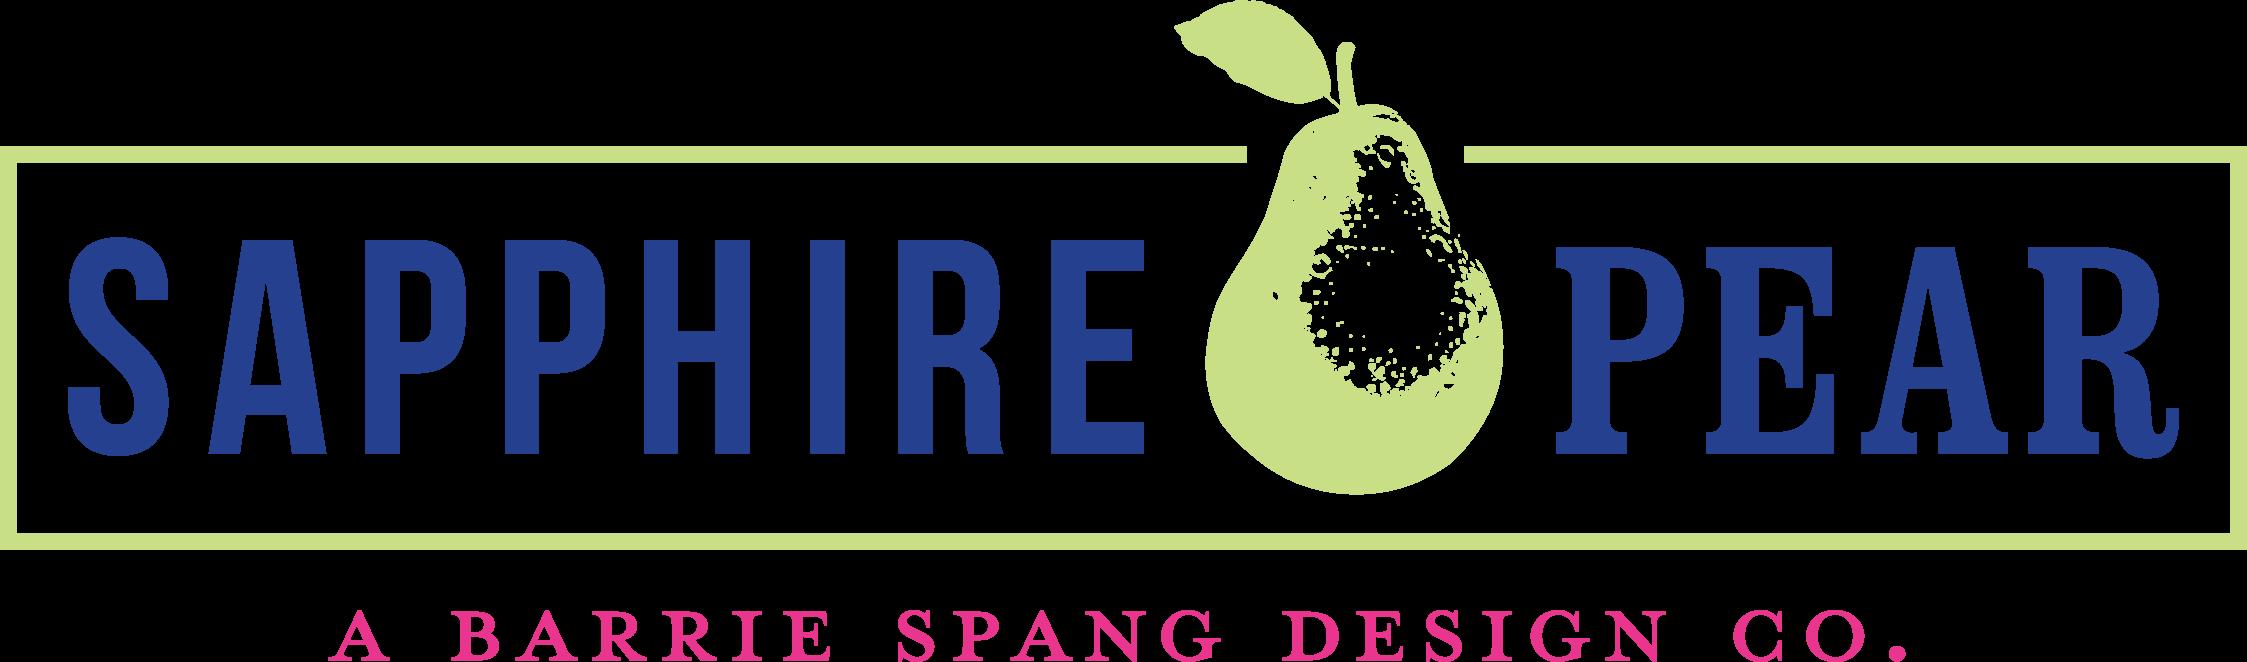 Sapphire Pear Logo